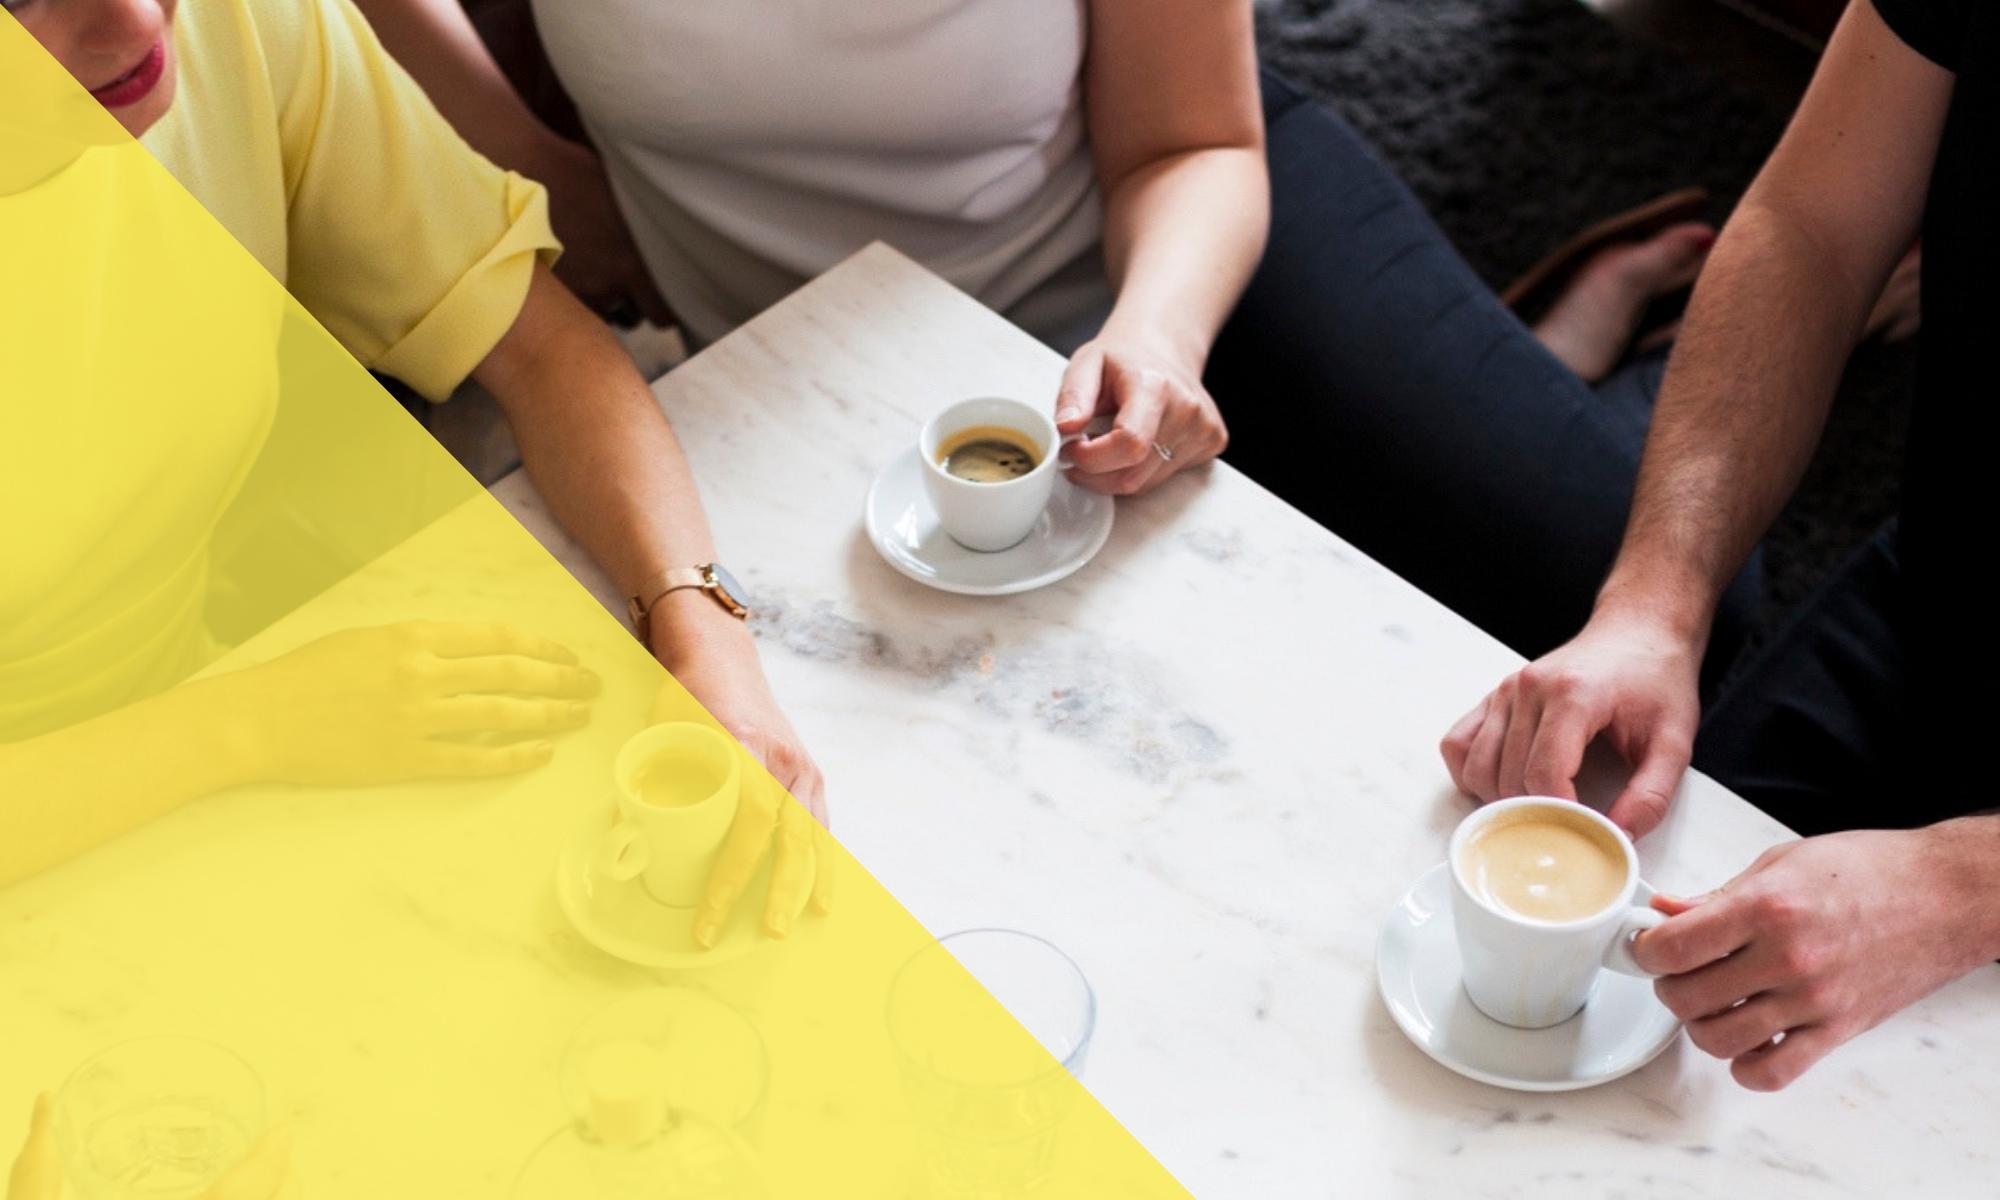 événements réseaux sociaux - Pour vos événements professionnels, démultipliez votre présence sur les réseaux sociaux. Nos consultant.e.s sont à votre côté pour faire rayonner vos événements professionnels !